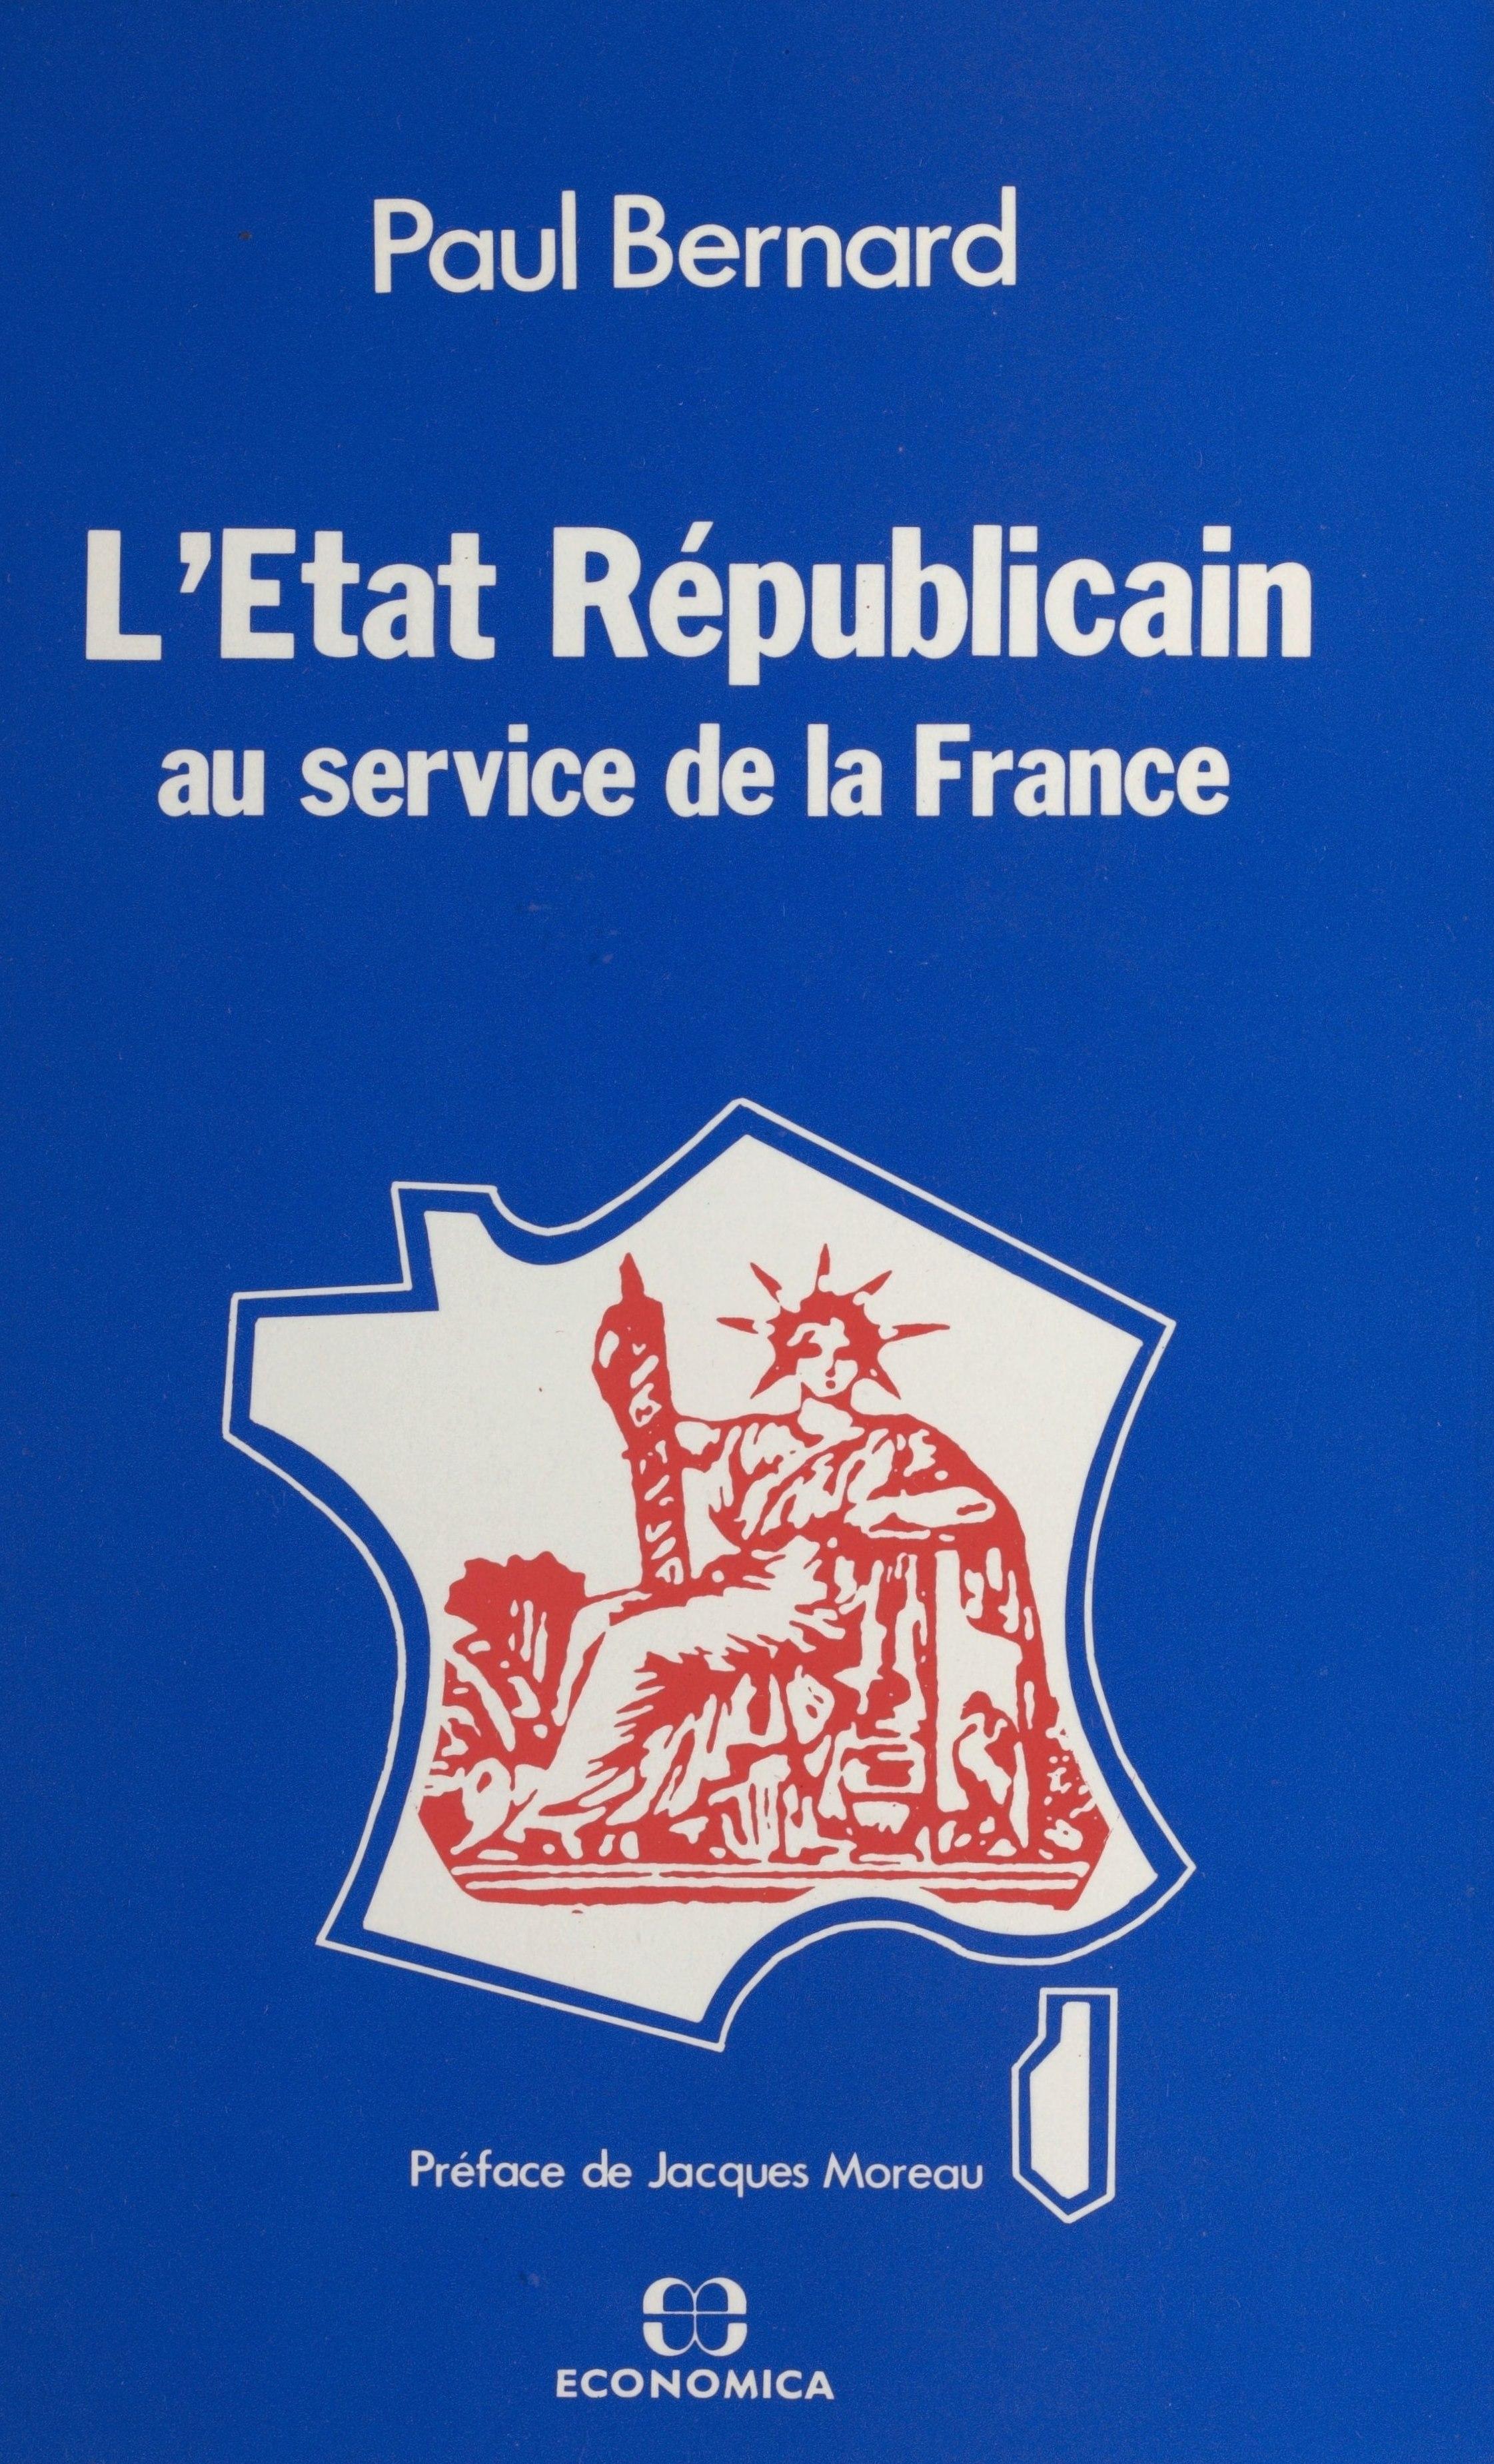 L'État républicain : au service de la France